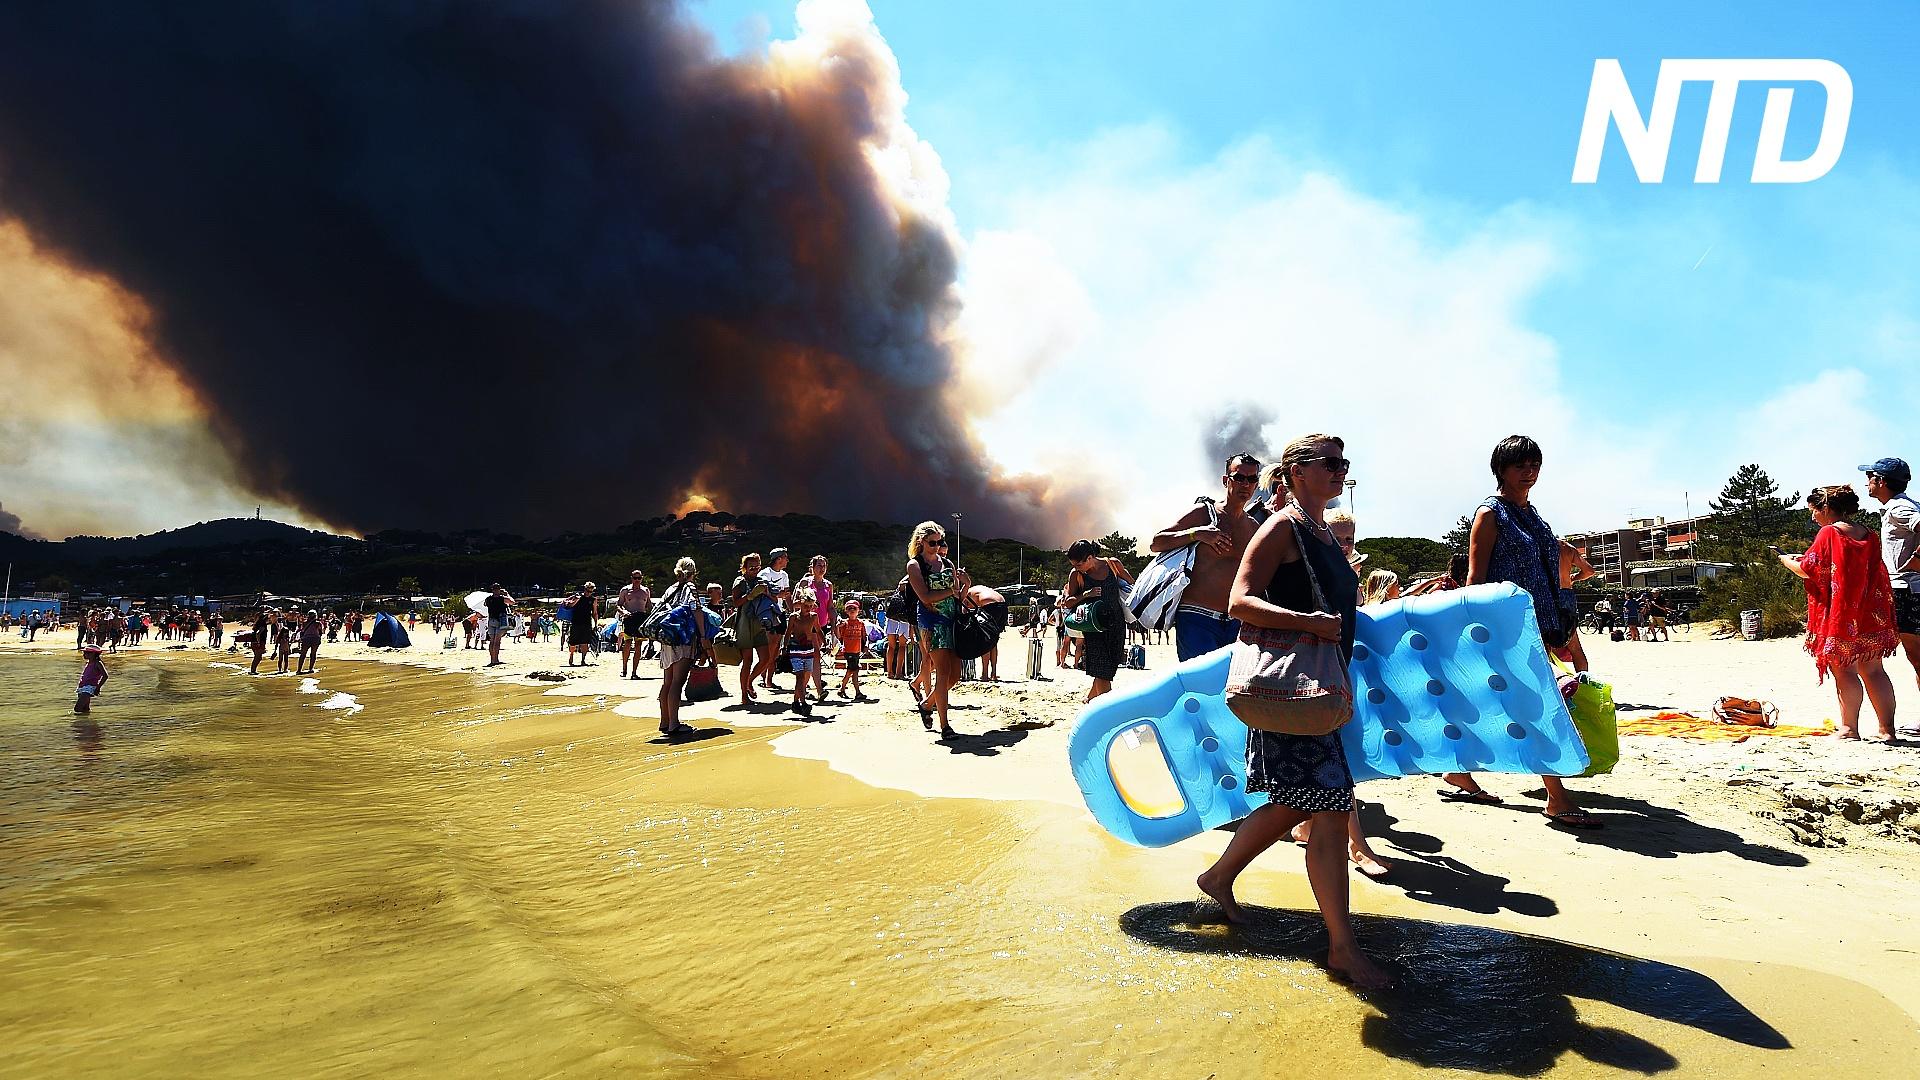 Пожар близ Лазурного берега вошёл в пятёрку сильнейших за столетие